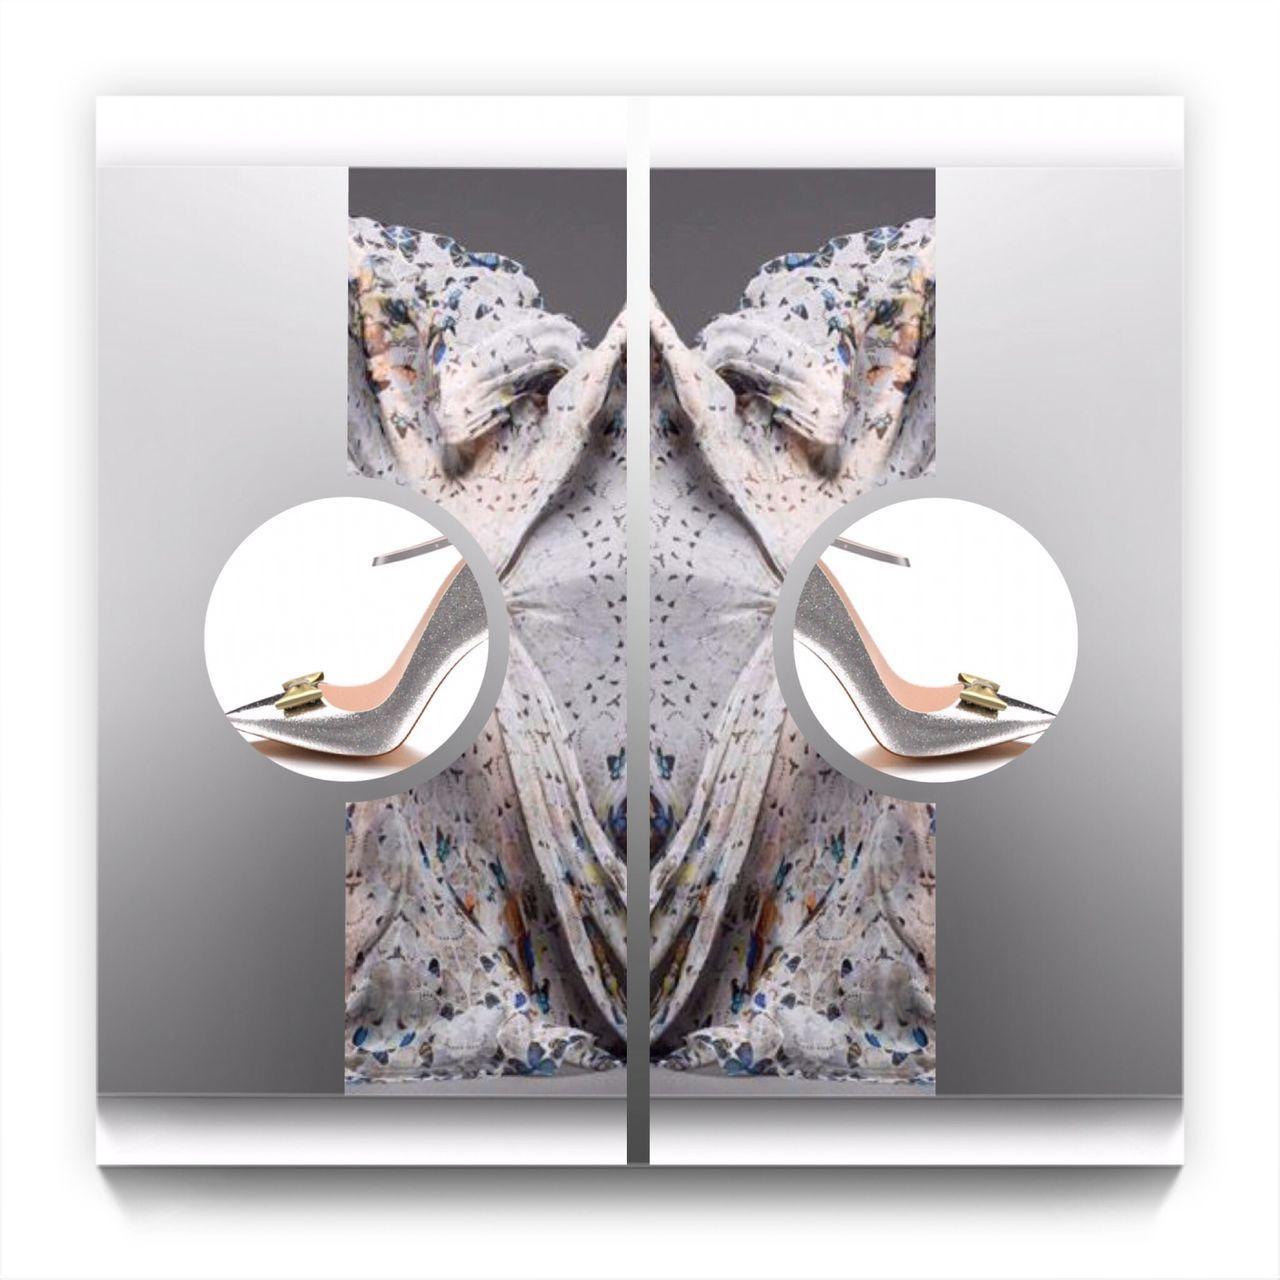 Fashion Photography Fashion Design Fashion Shoe Shoes Day Luxury Designer  Design Shiny White Background